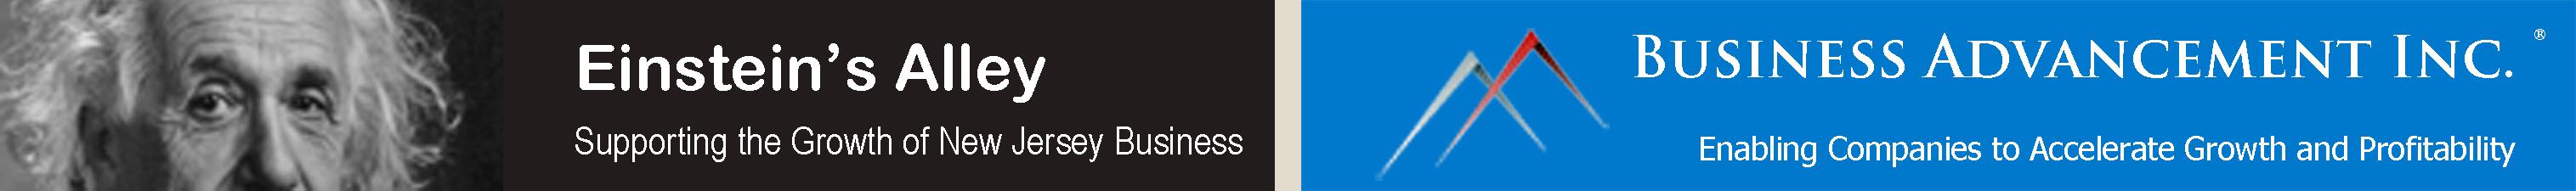 ea-bai-sidebyside-logos